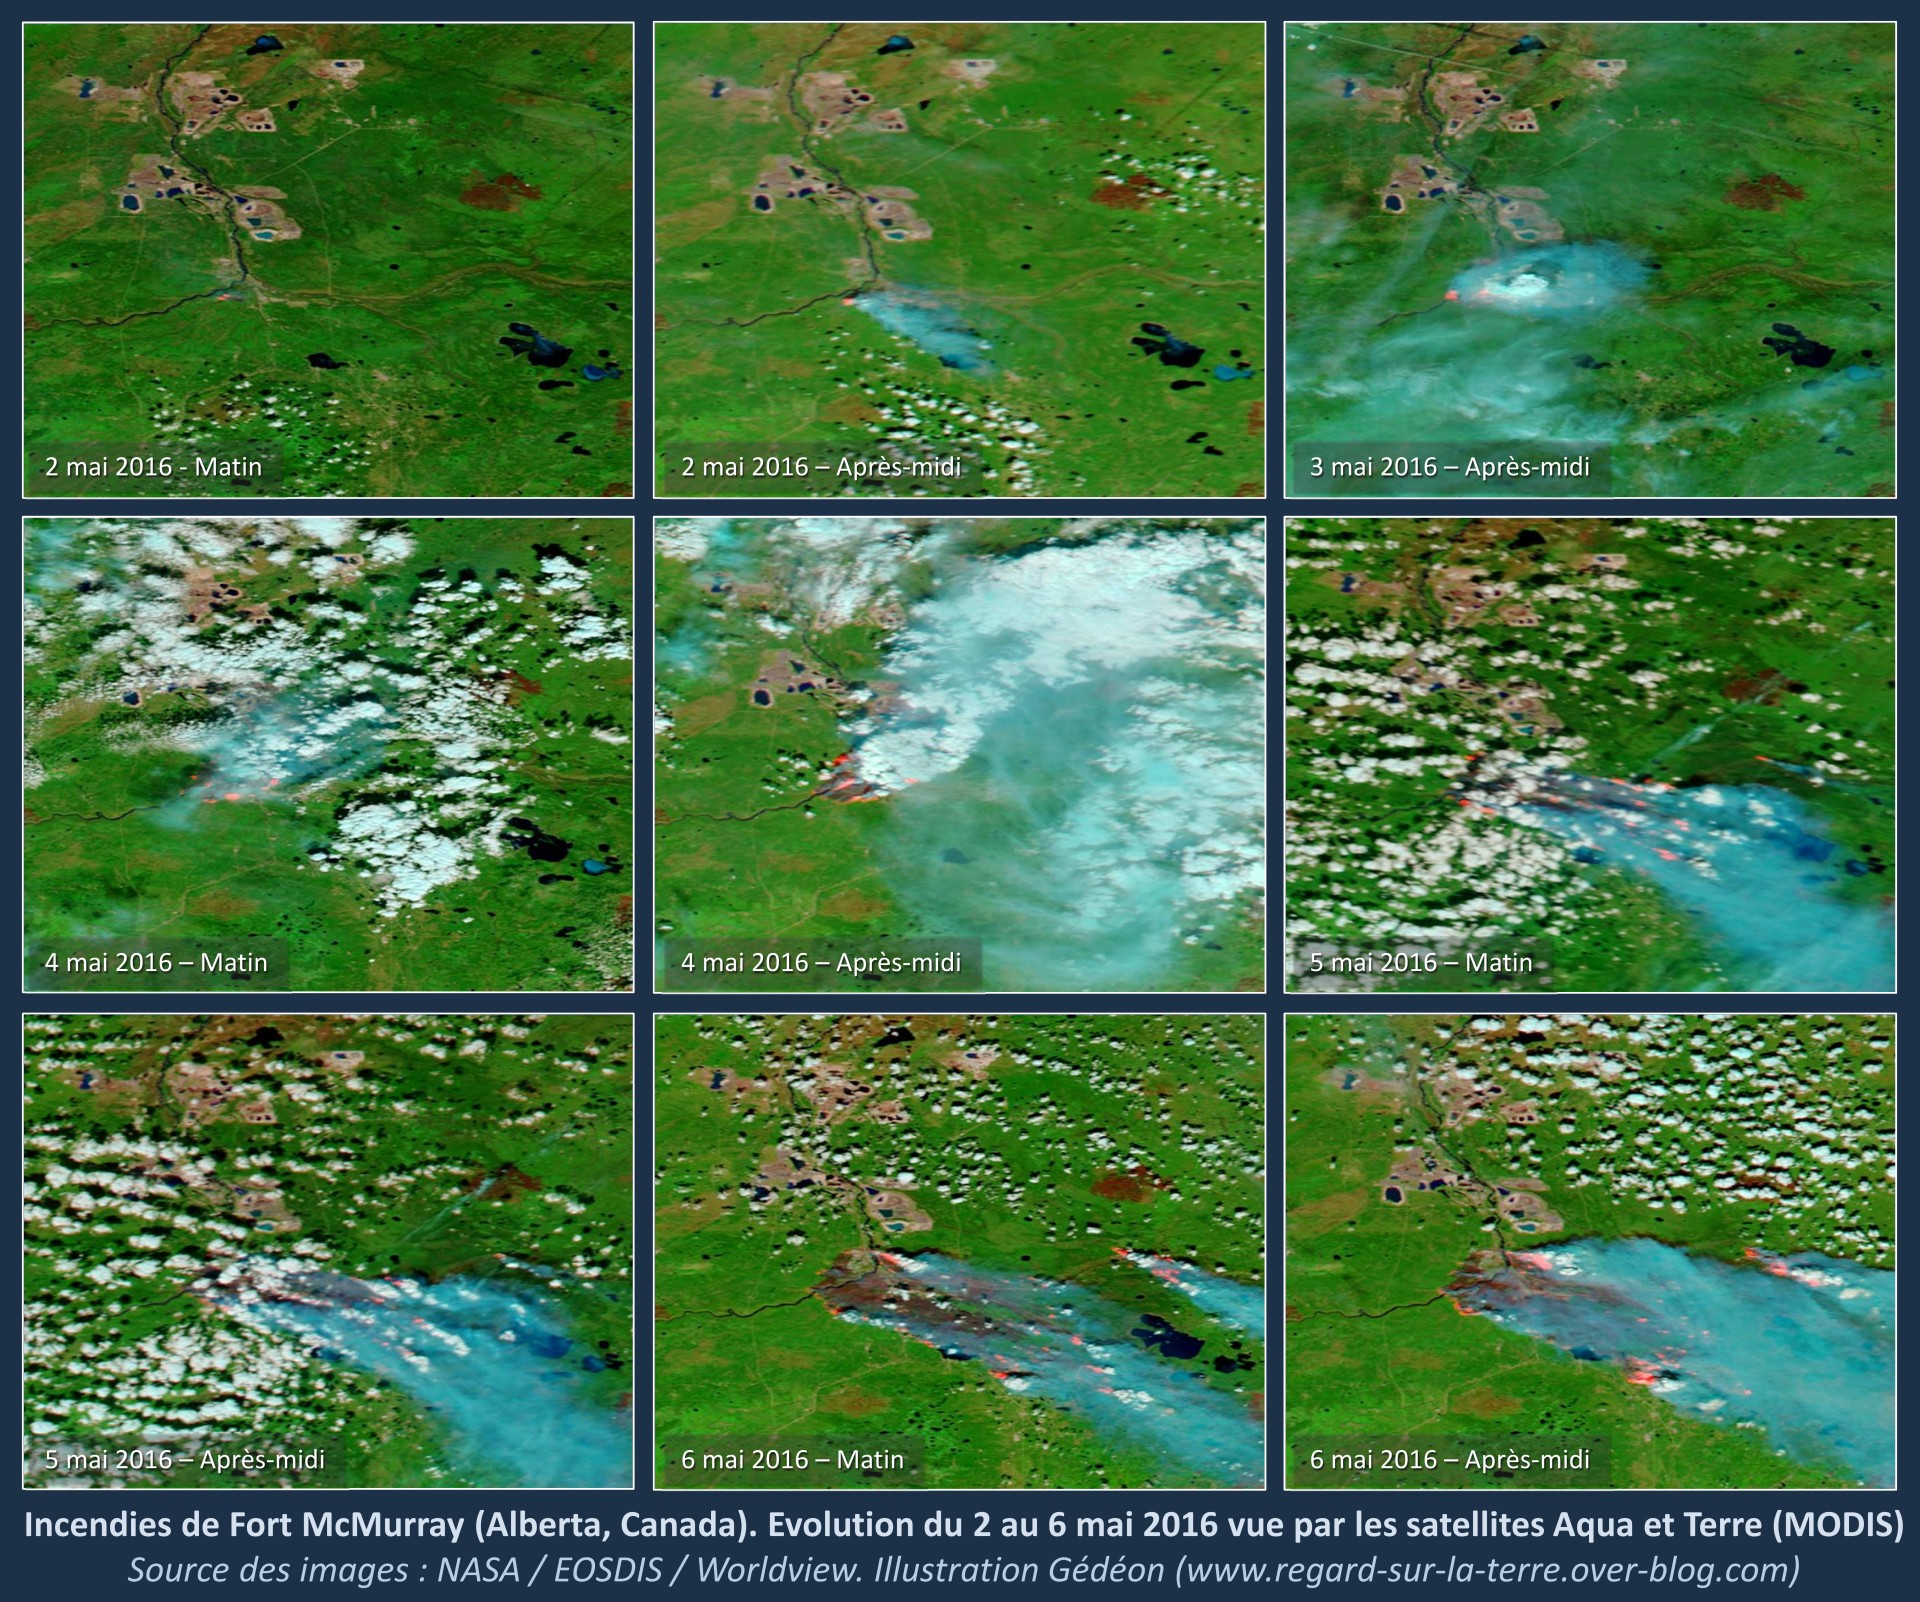 Fort Mc Murray - Alberta - Canada - Incendie - Wild fires - Instrument MODIS - Aqua et Terra - Série d'images aquises entre le 2 et le 6 mai